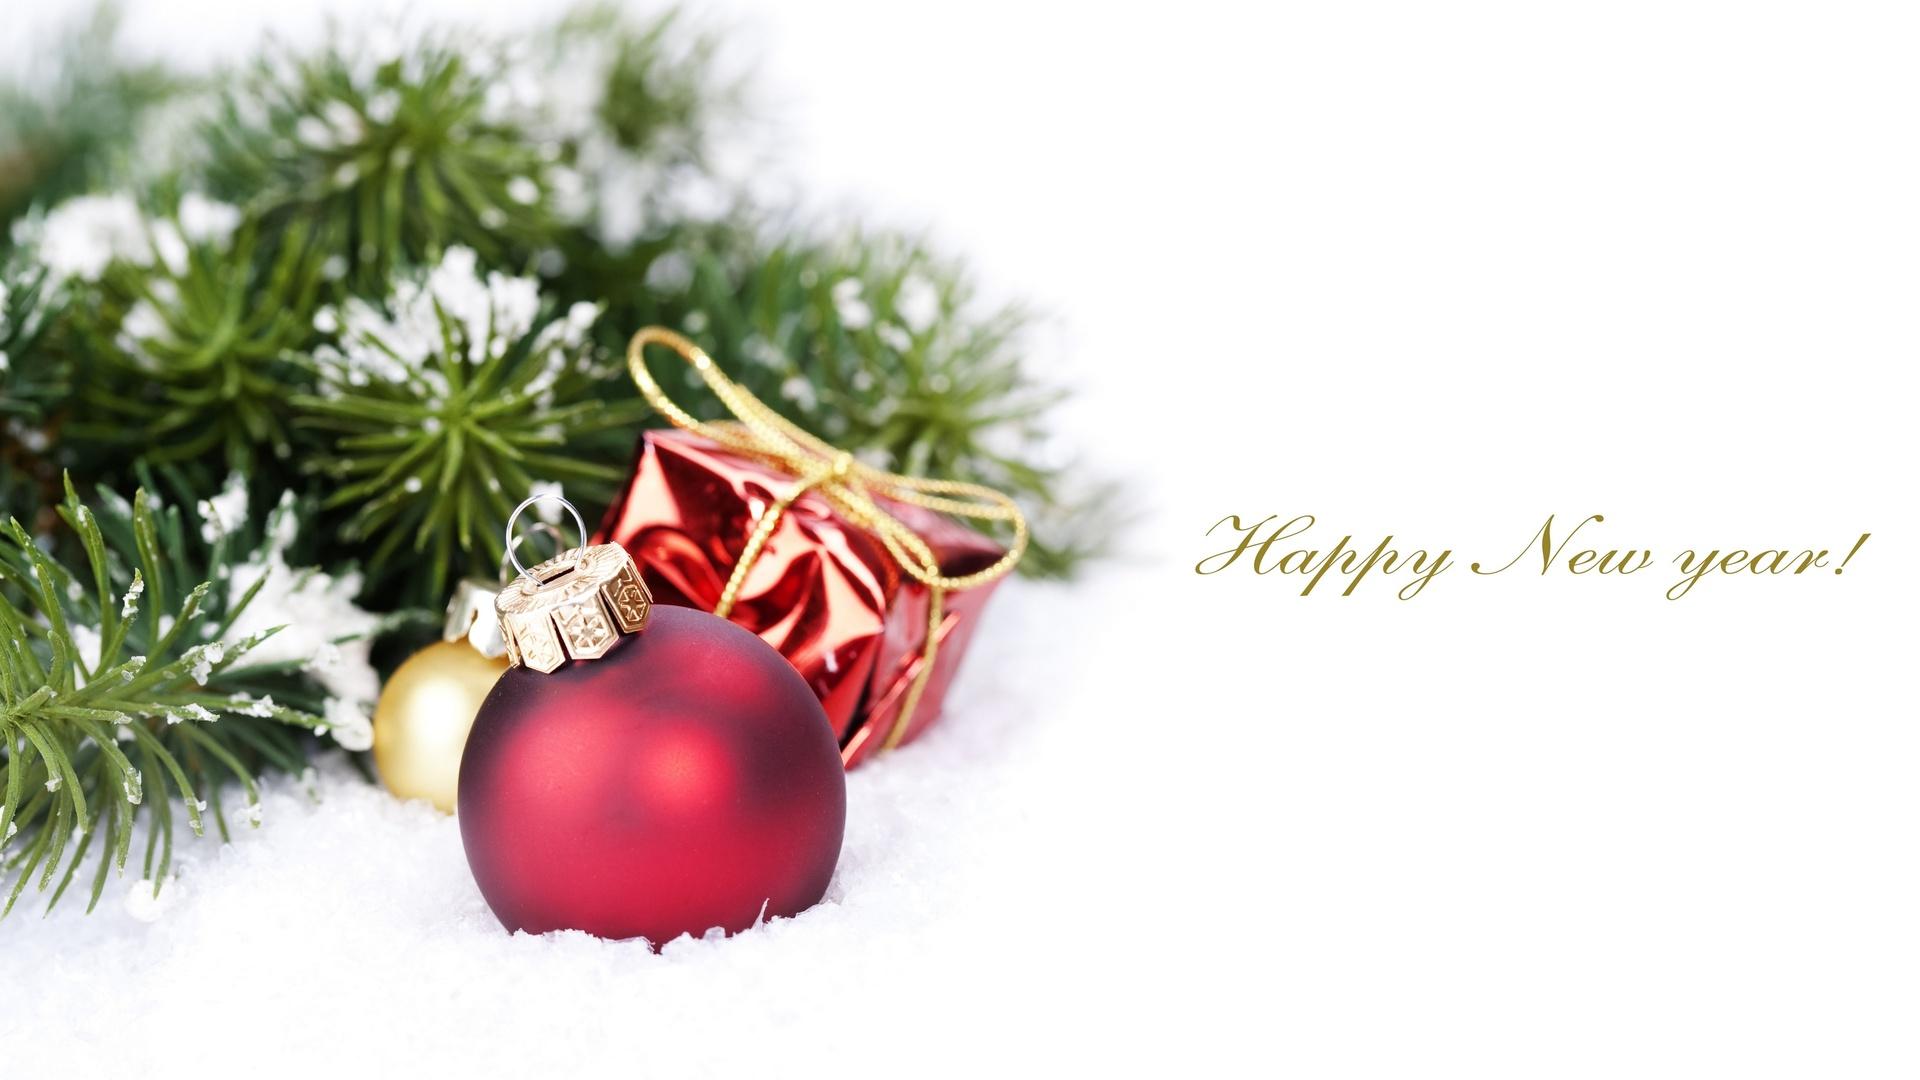 Обои композиция на белом фоне, Красивая рождественская. Новый год foto 11